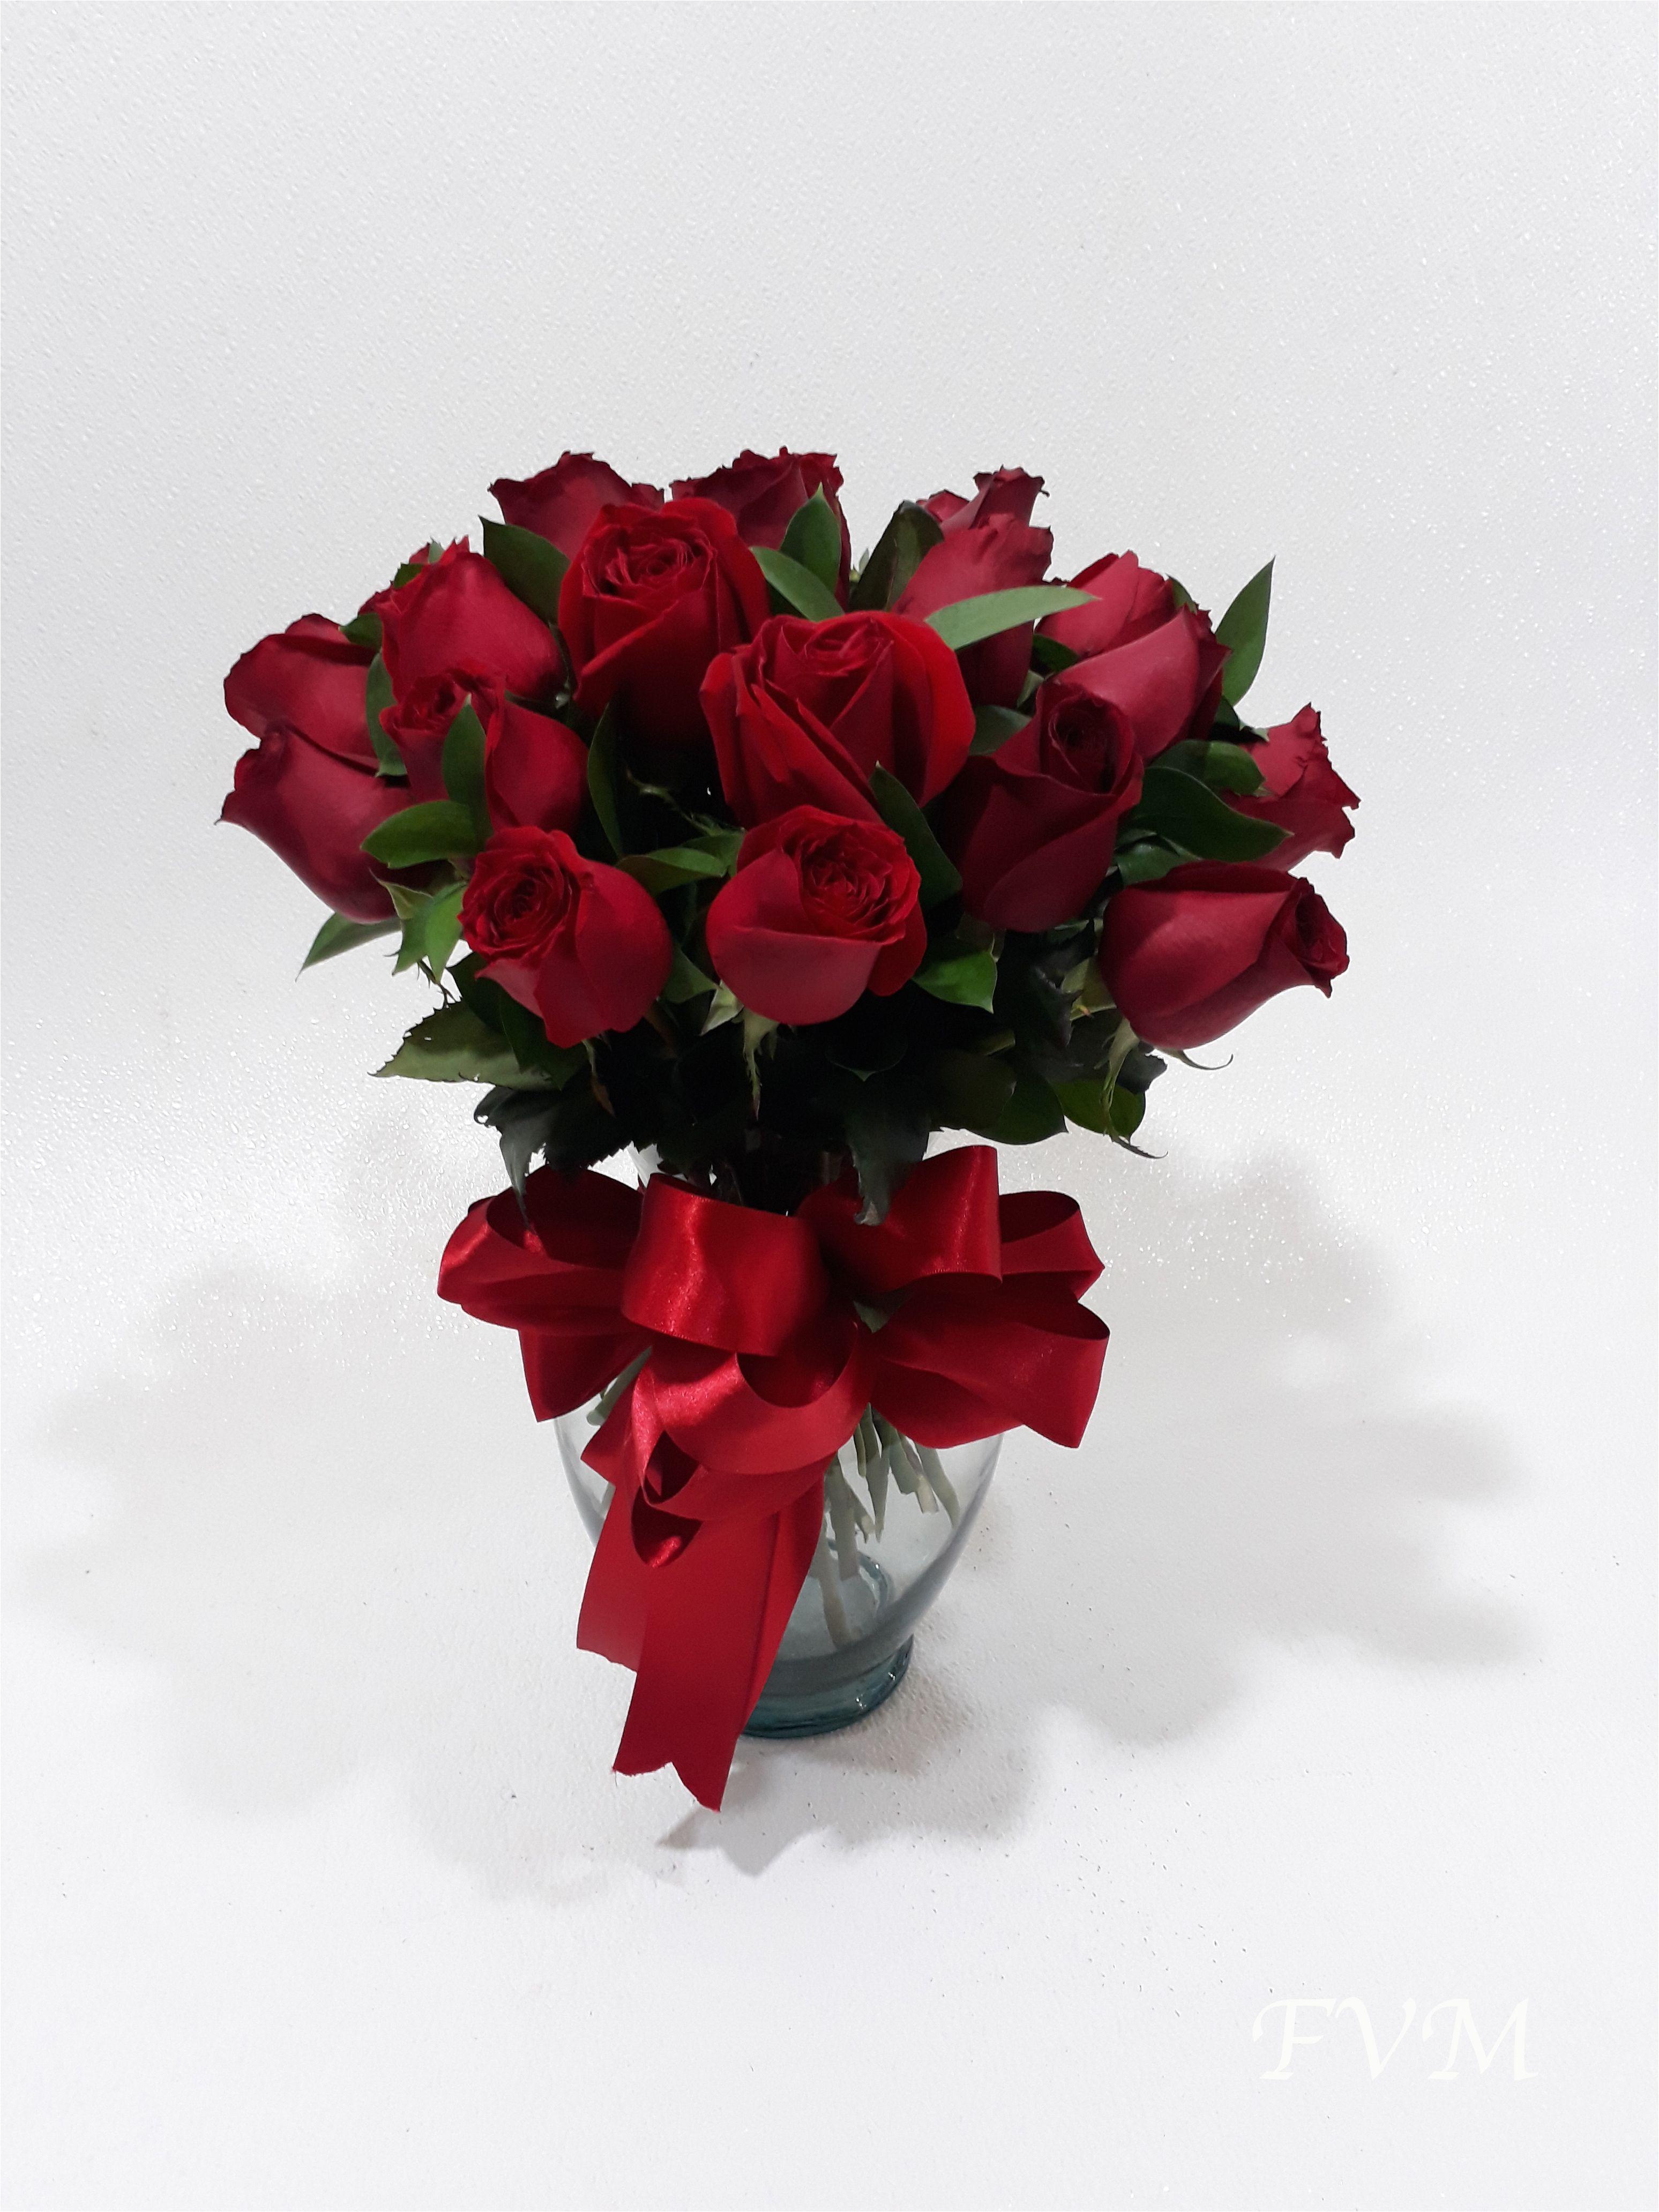 arreglo con 18 rosas rojas en base de cristal con follaje y